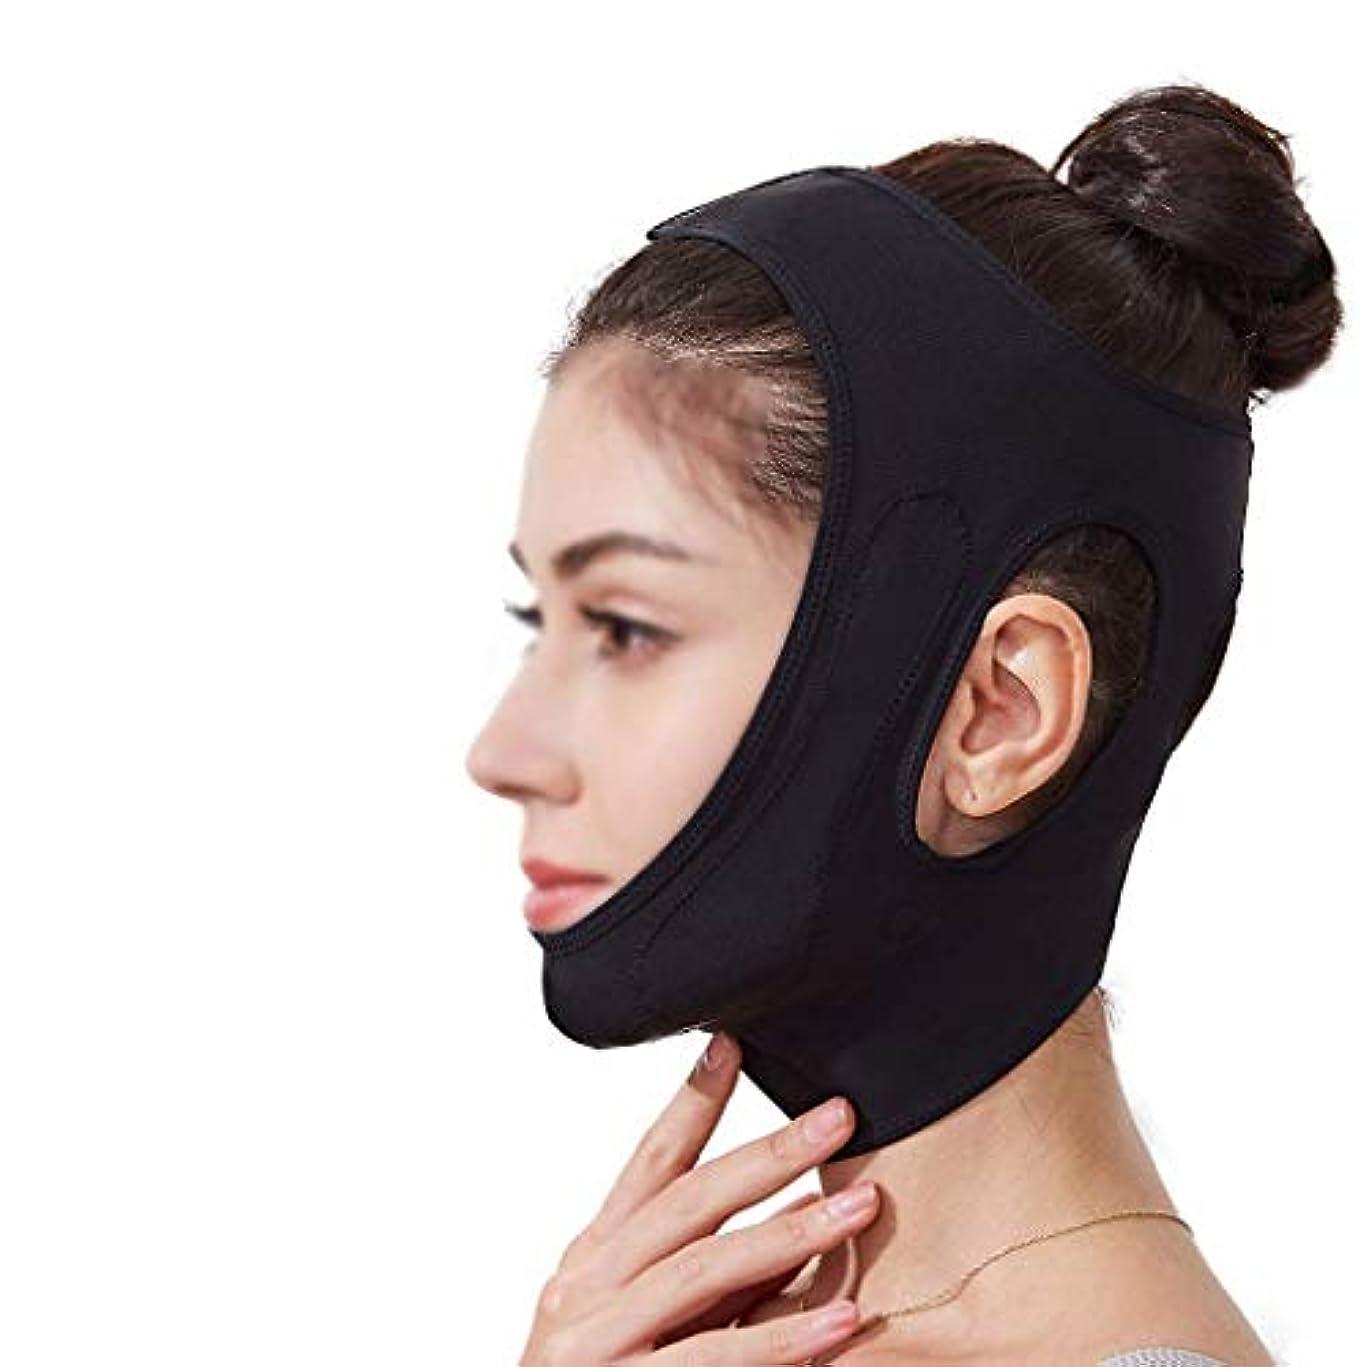 プールコンプライアンス一握りフェイスリフティングバンデージ、顔の頬V字型リフティングフェイスマスクしわの軽減ダブルチン快適な包帯で小さなVフェイスを作成(色:黒)